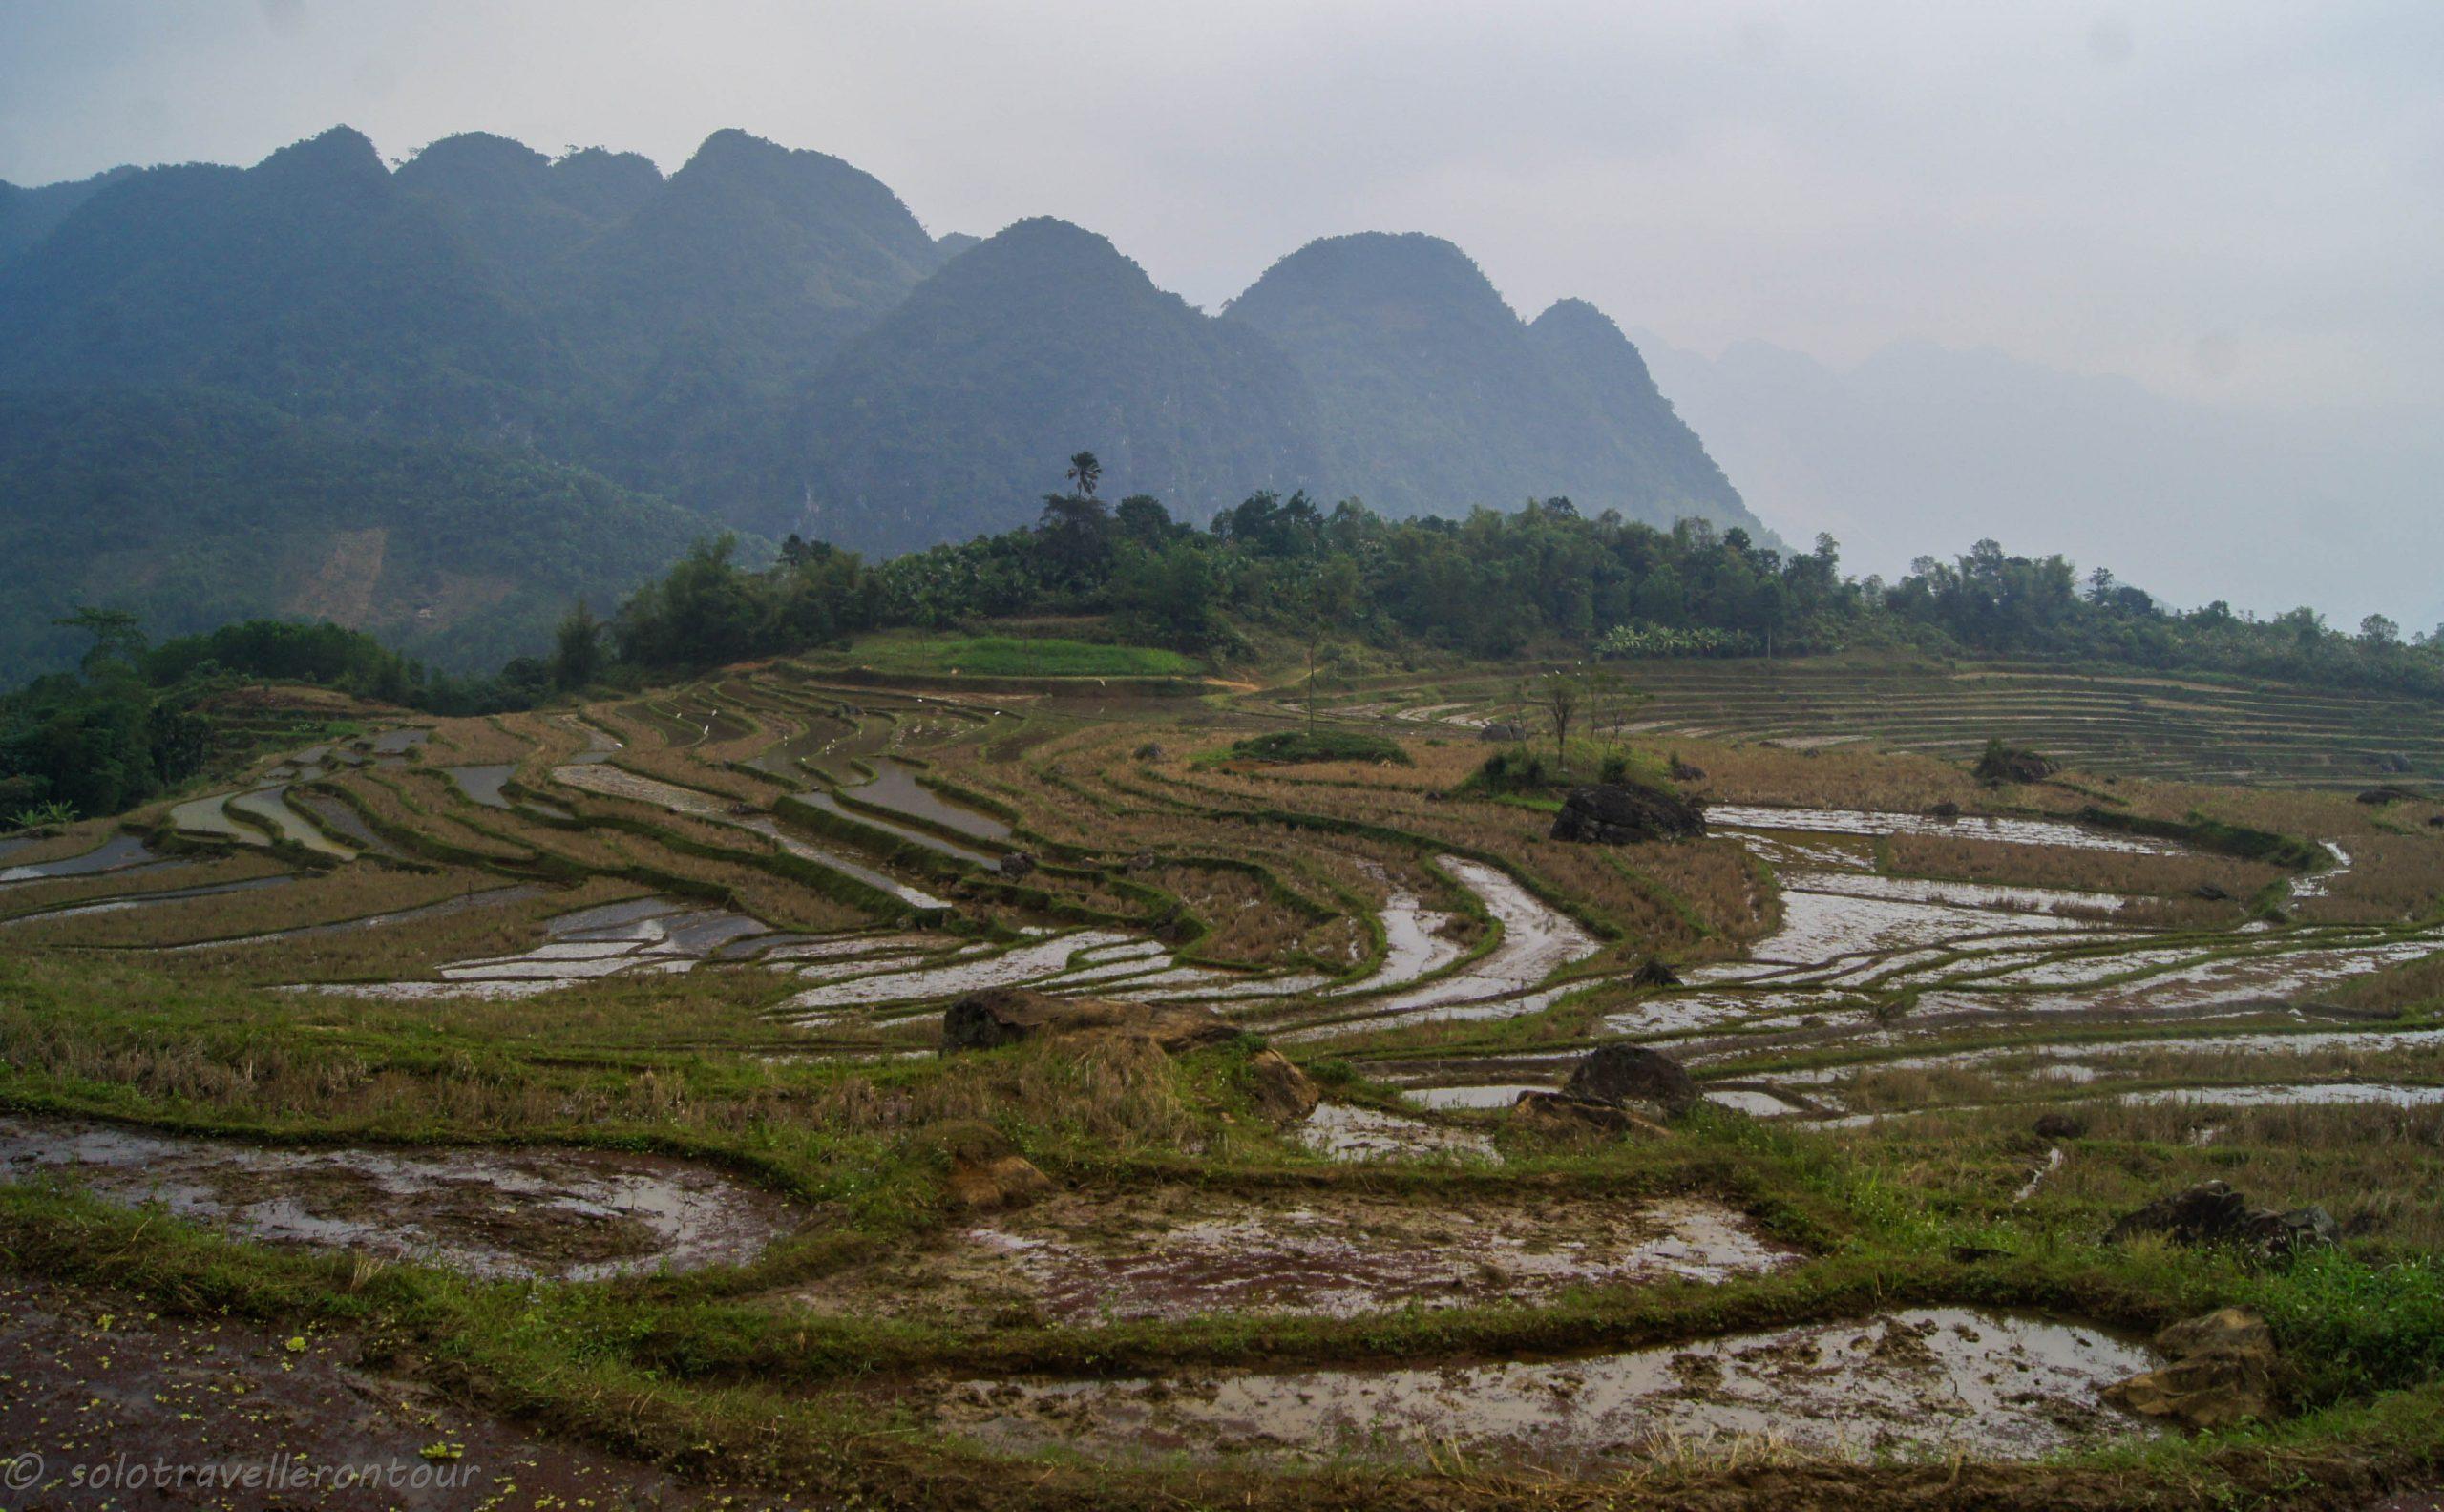 14. Ninh Binh – a story of me, a bike & stunning views